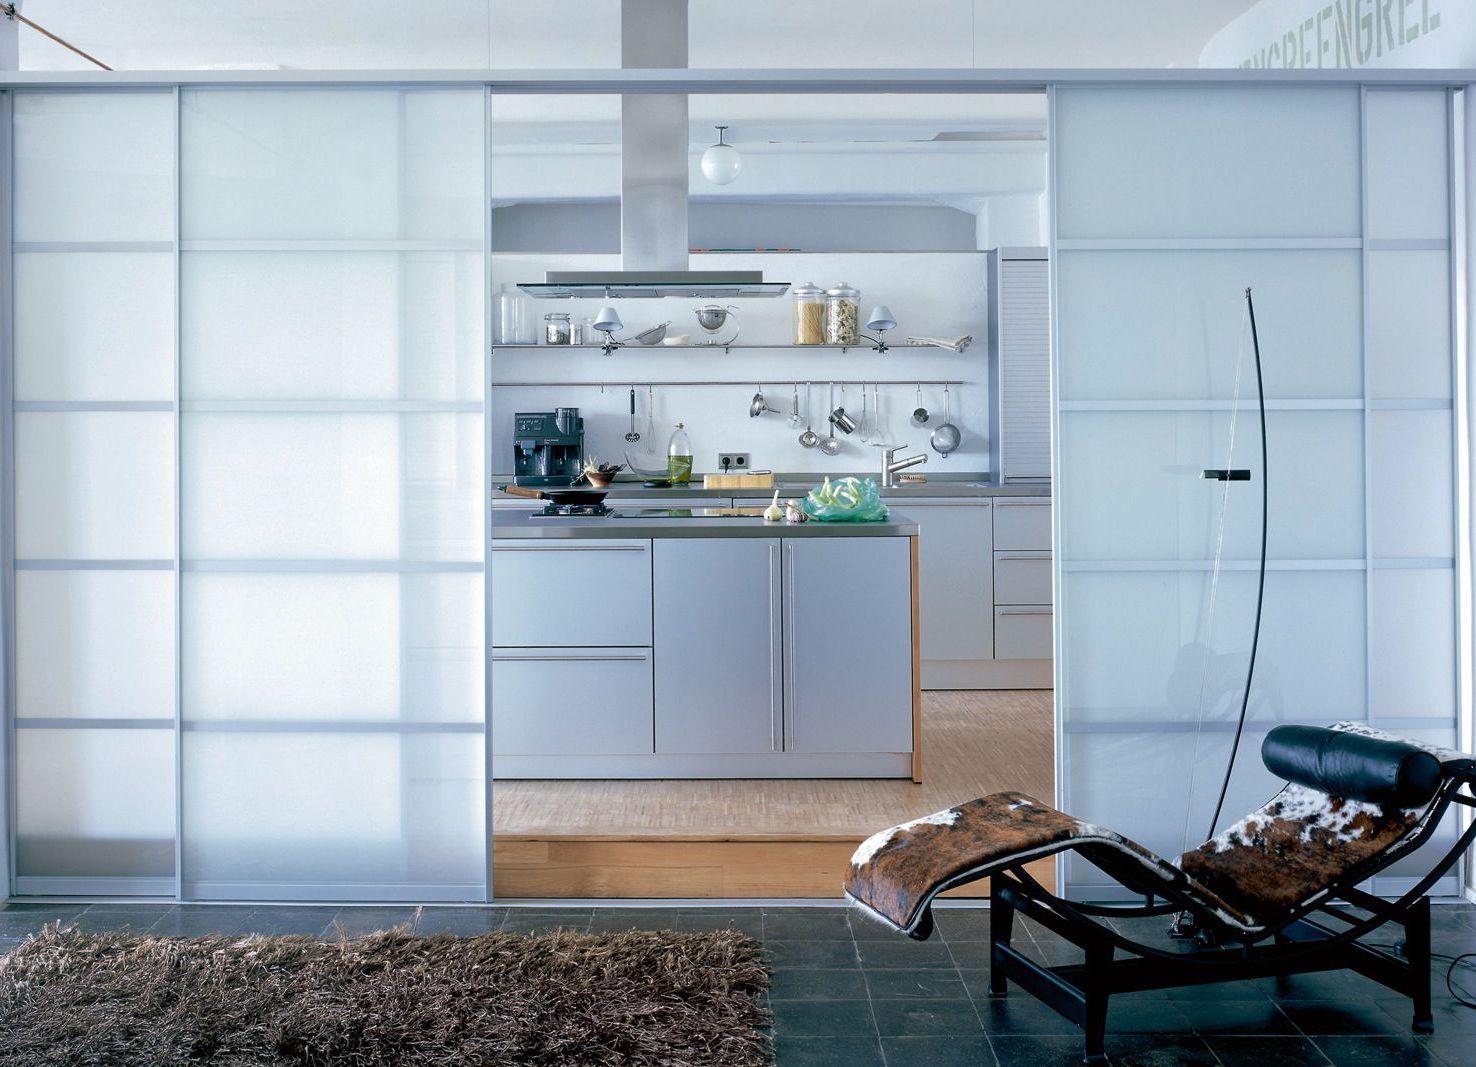 Перегородка между кухней и гостиной в интерьере лофт